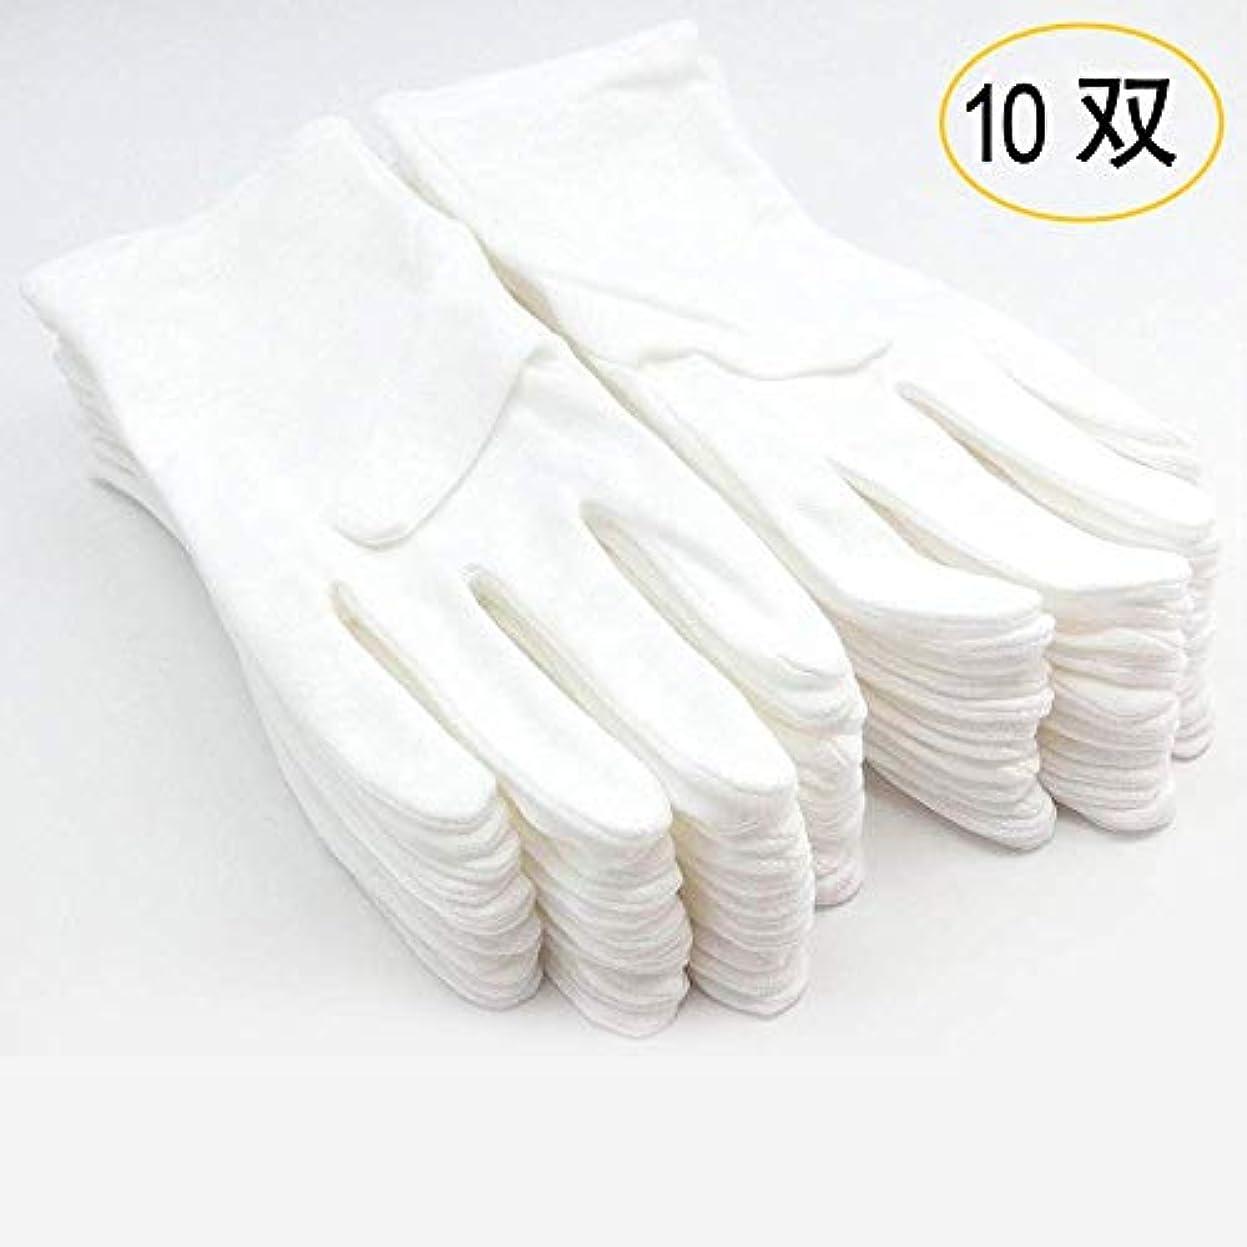 立場イタリアの物理的に綿手袋 純綿100% 通気性 コットン手袋 10双組